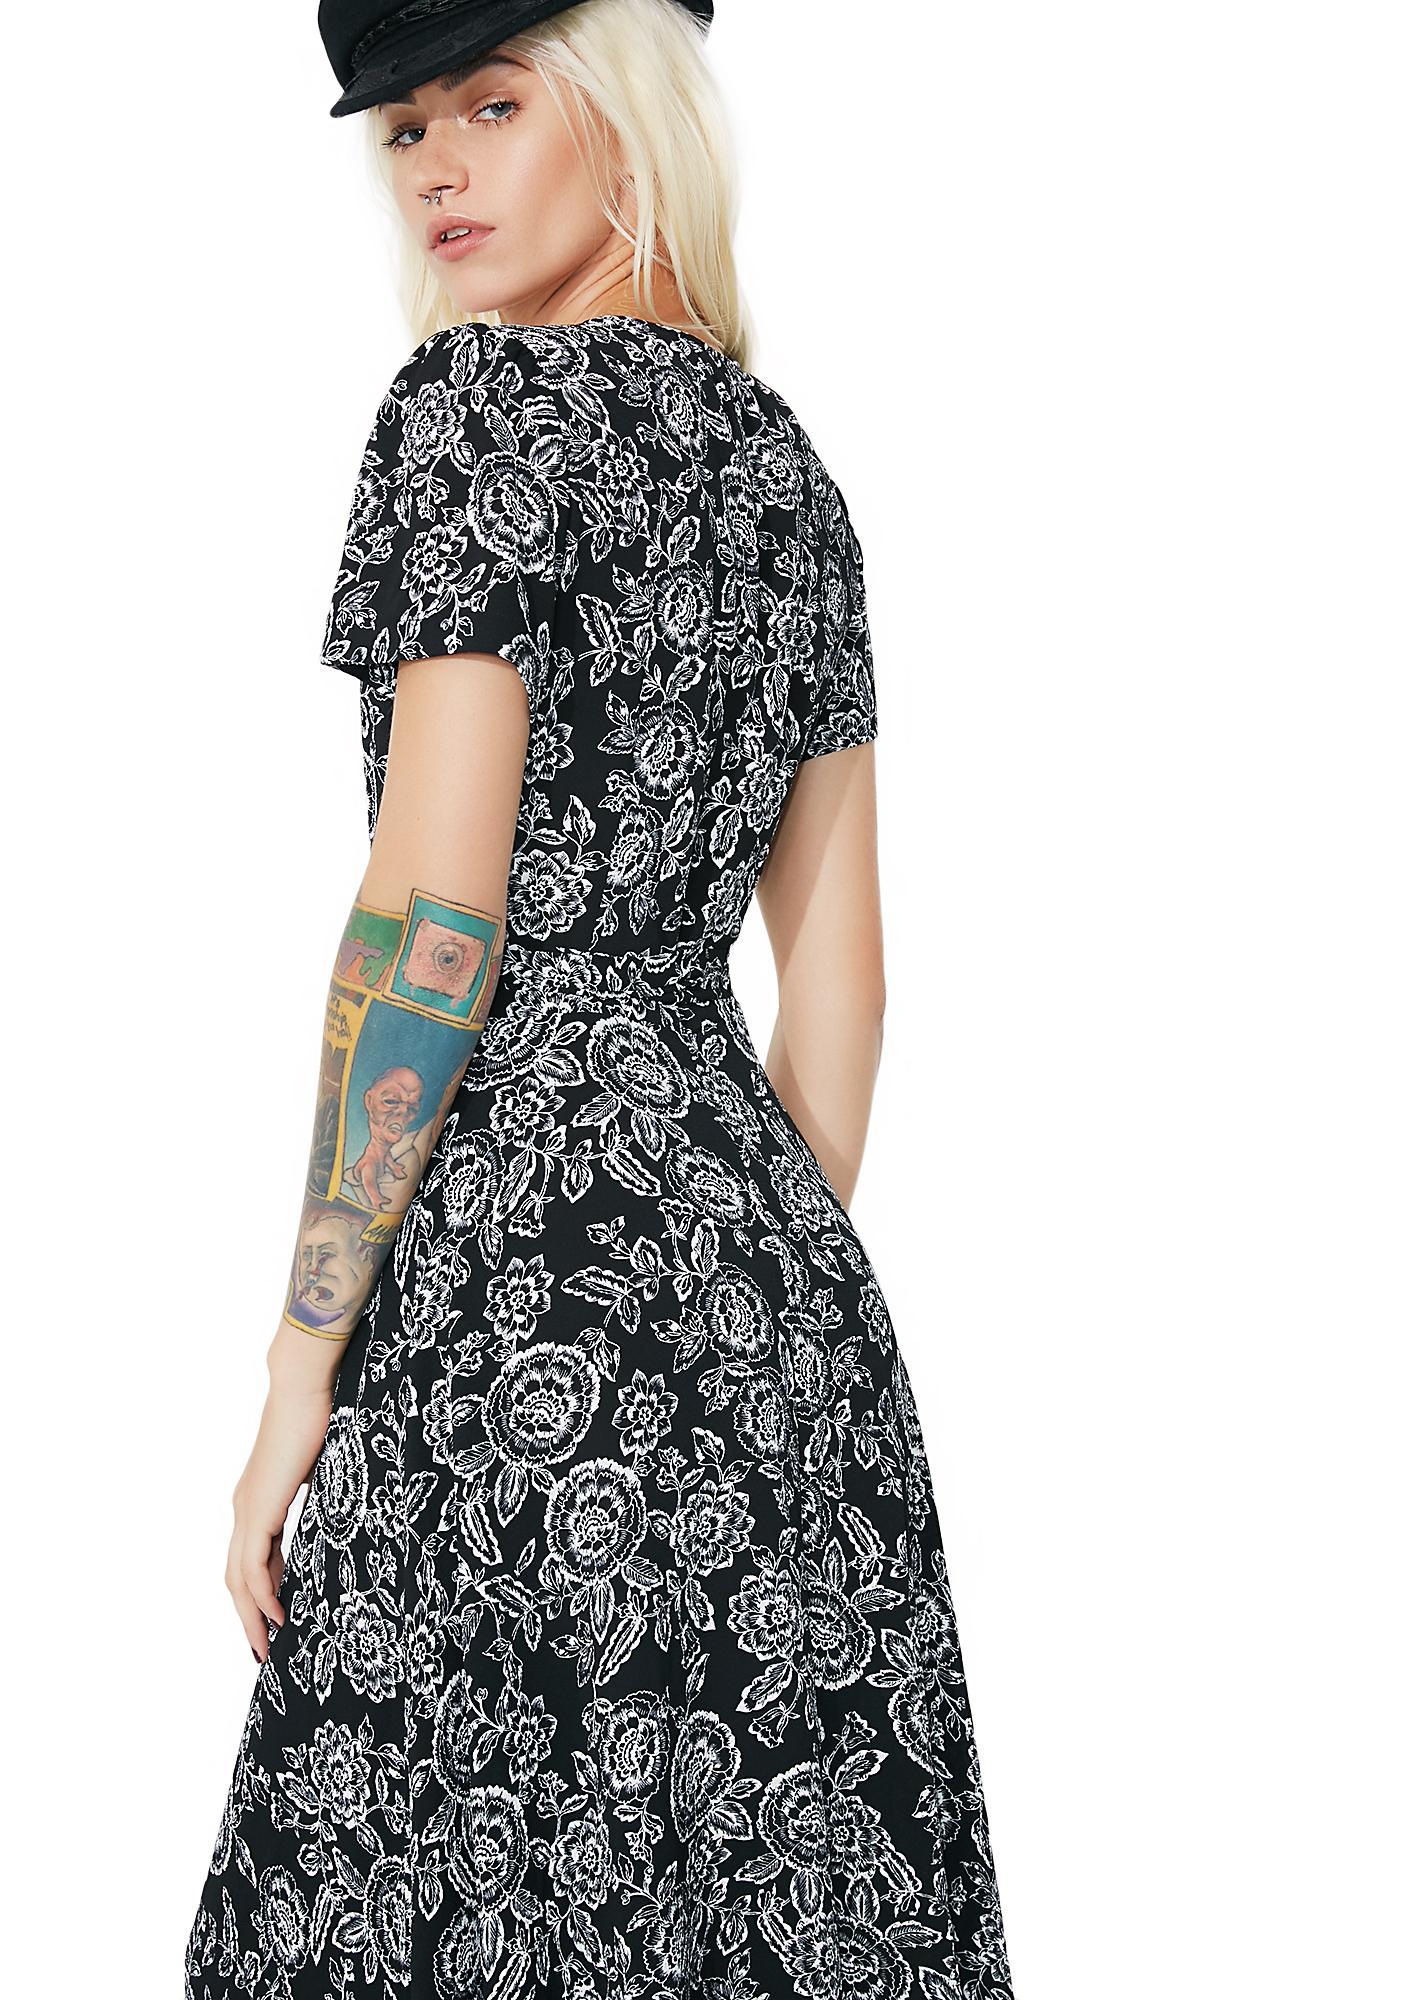 Lira Clothing Arabella Dress